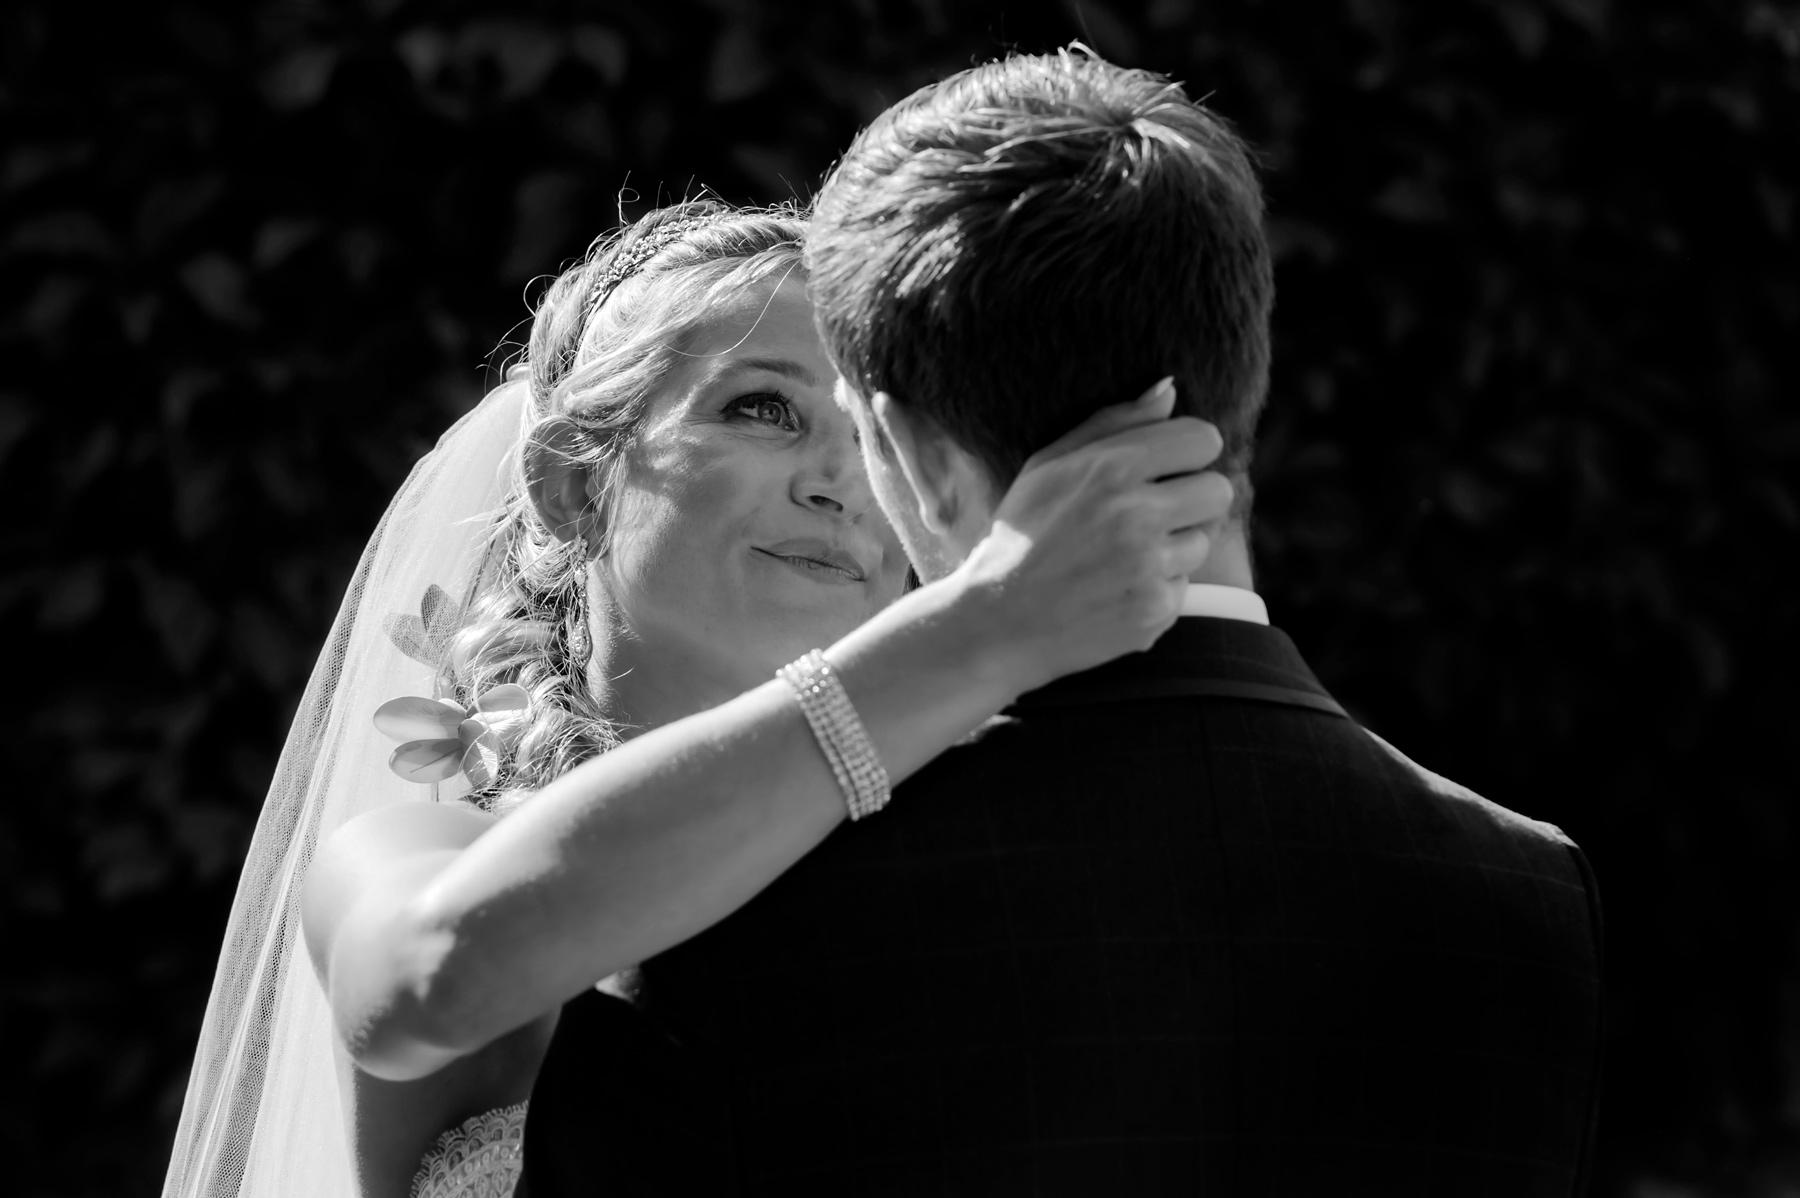 Bride looking lovingly at new husband